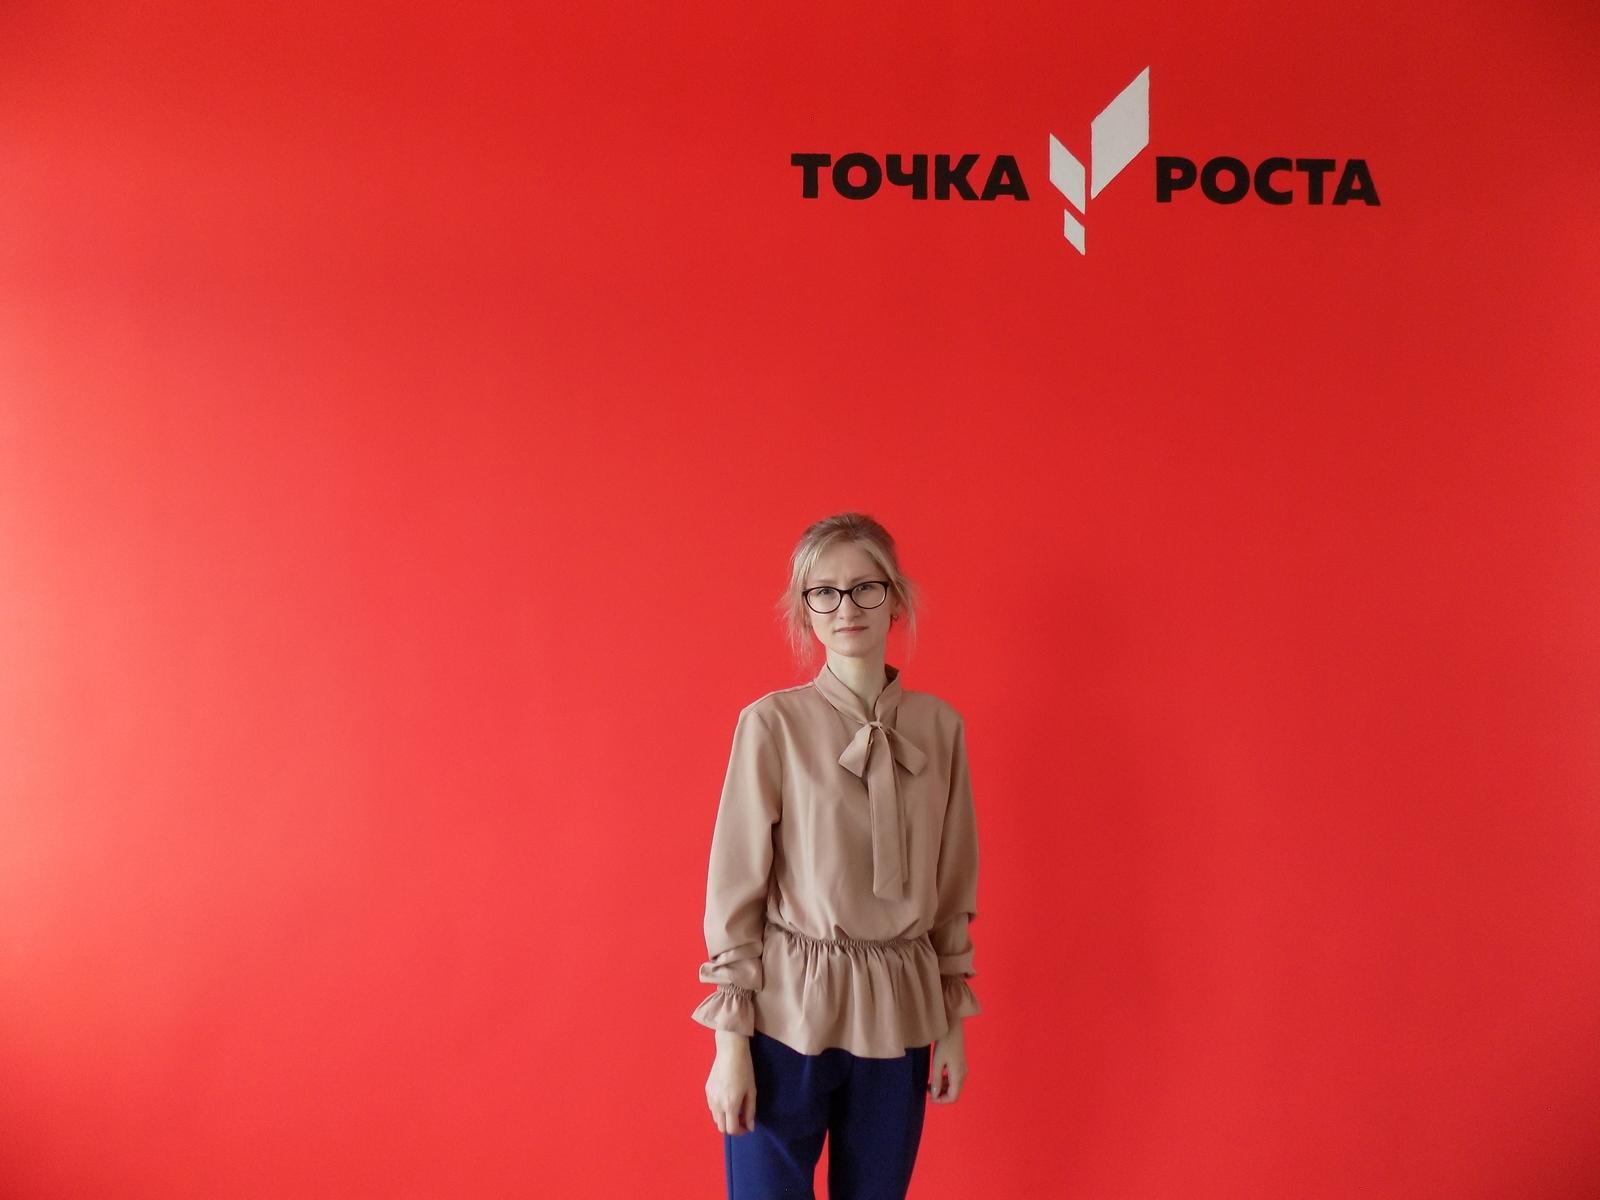 Учитель из Марий Эл: педагогов можно назвать конструкторами, создающими будущее России